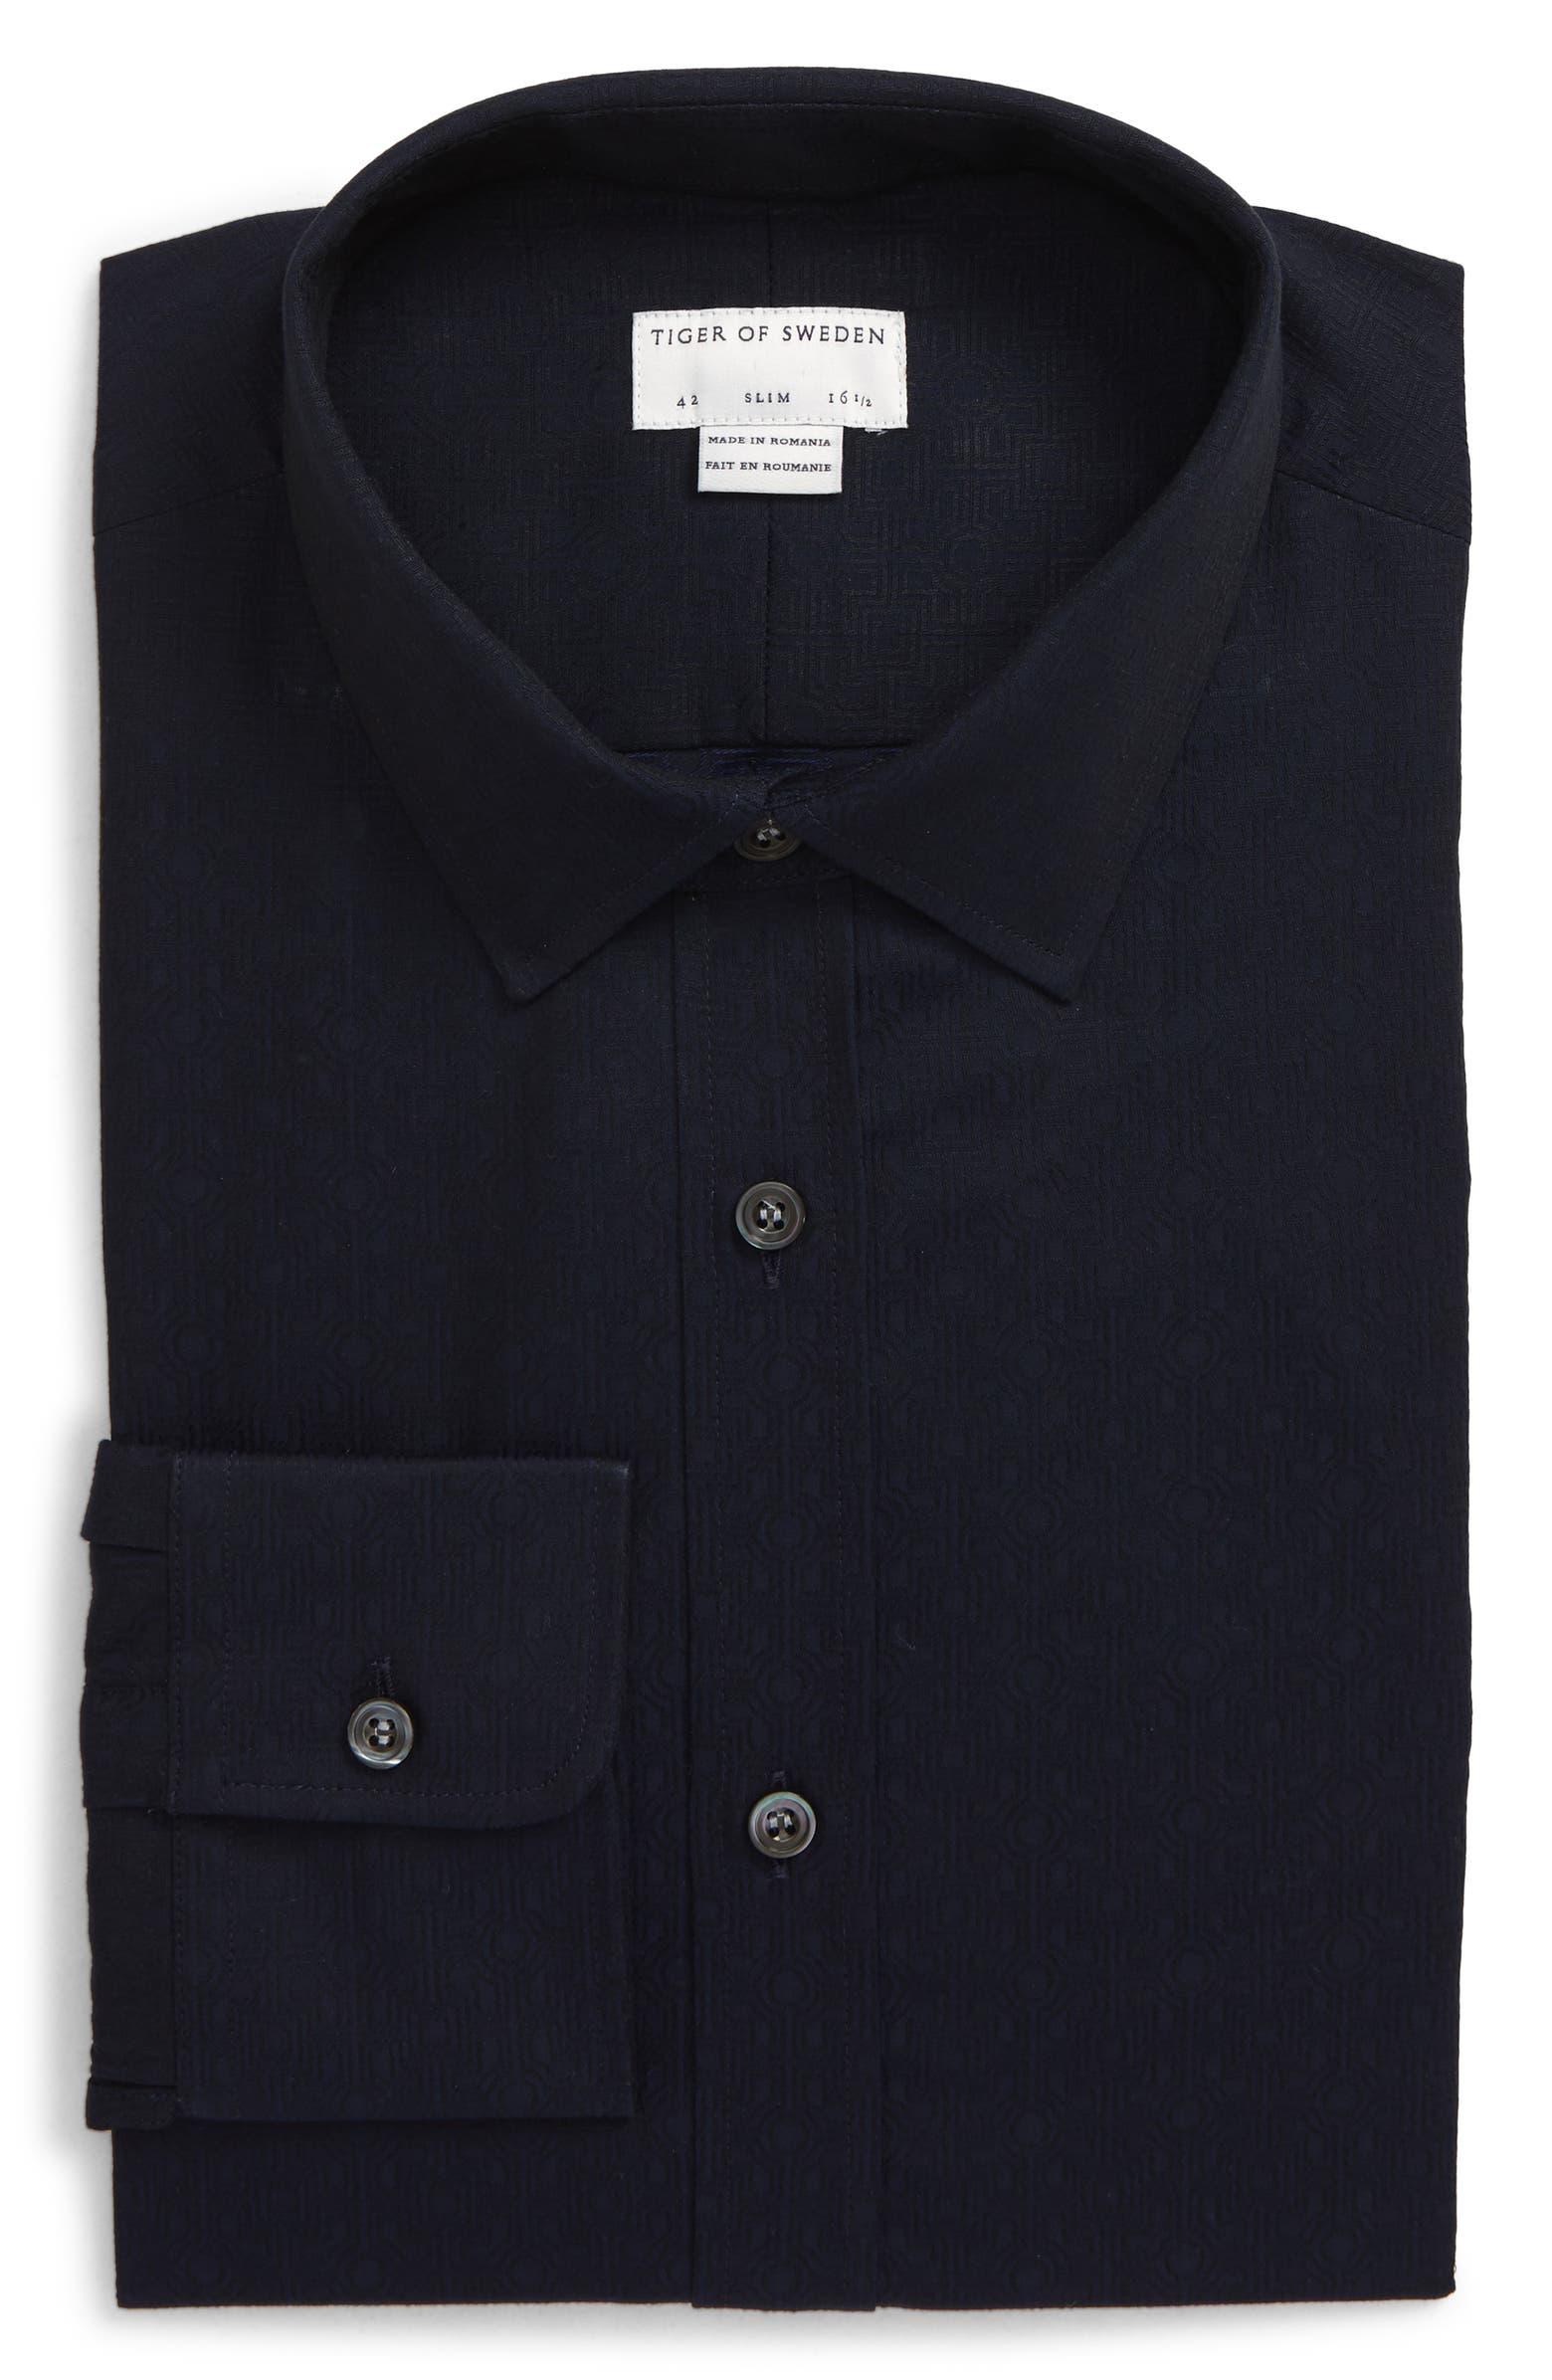 Trim Fit Dress Shirt TIGER OF SWEDEN